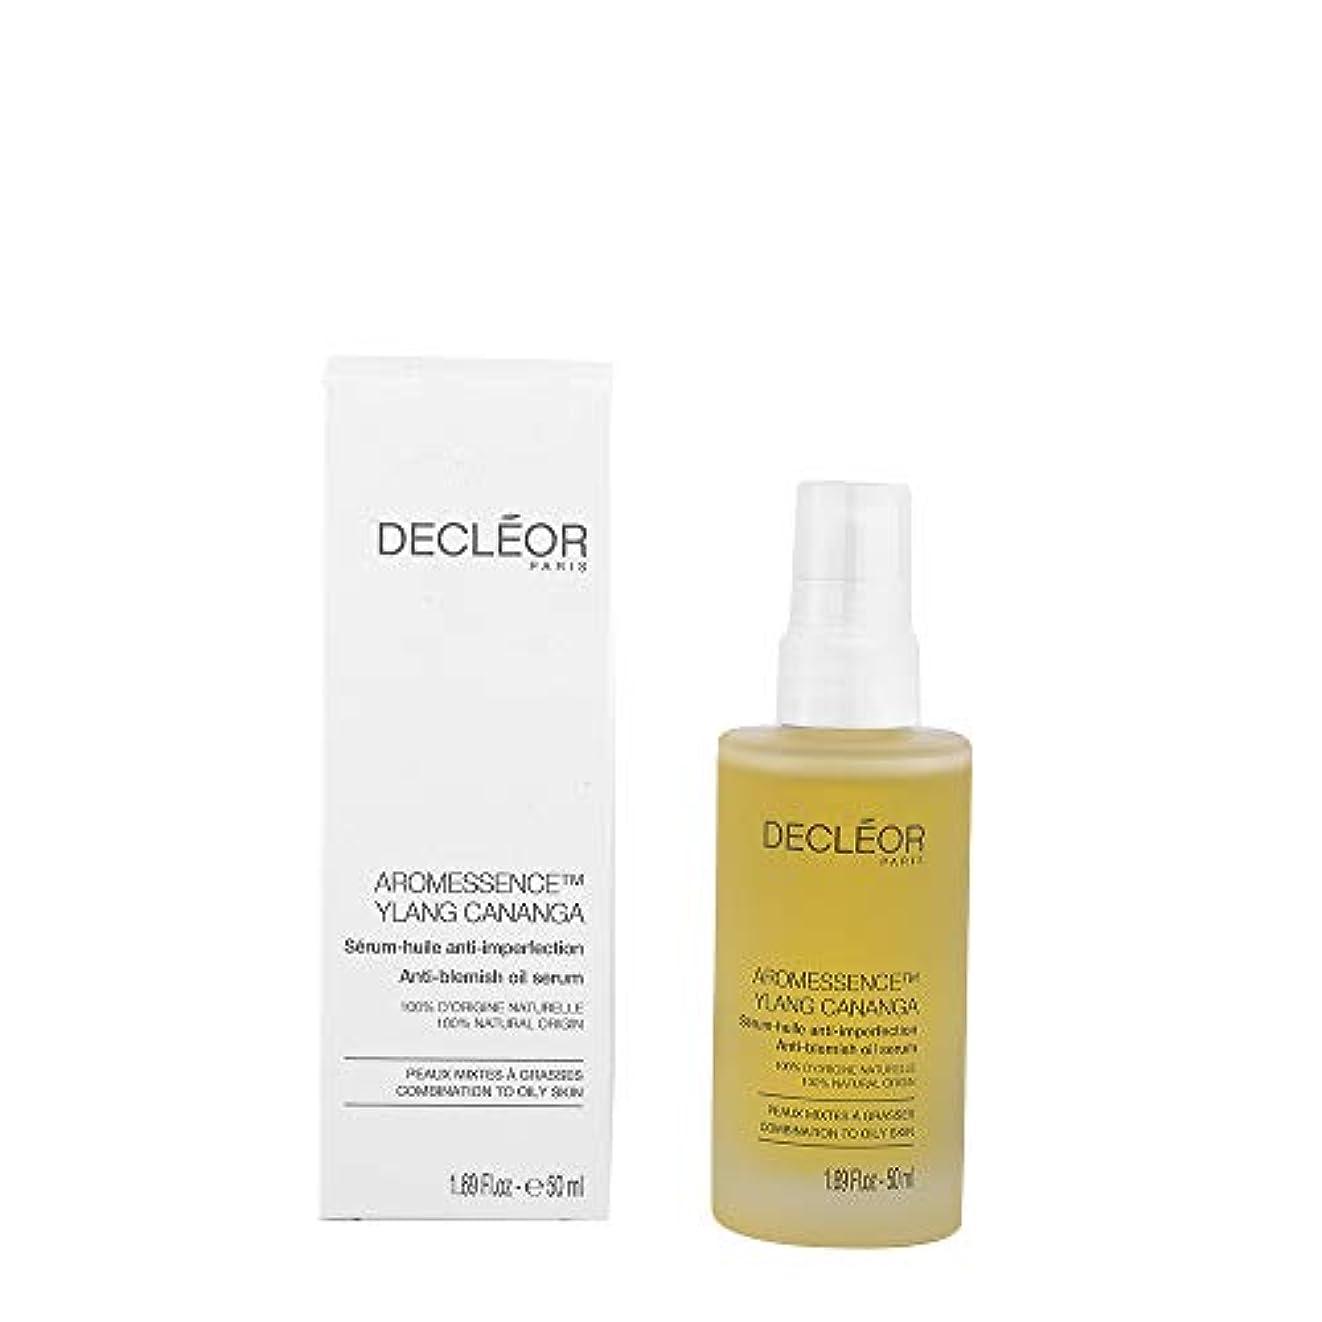 反発するサンダー膿瘍デクレオール Aromessence Ylang Cananga Anti-Blemish Oil Serum - For Combination to Oily Skin (Salon Size) 50ml/1.69oz...